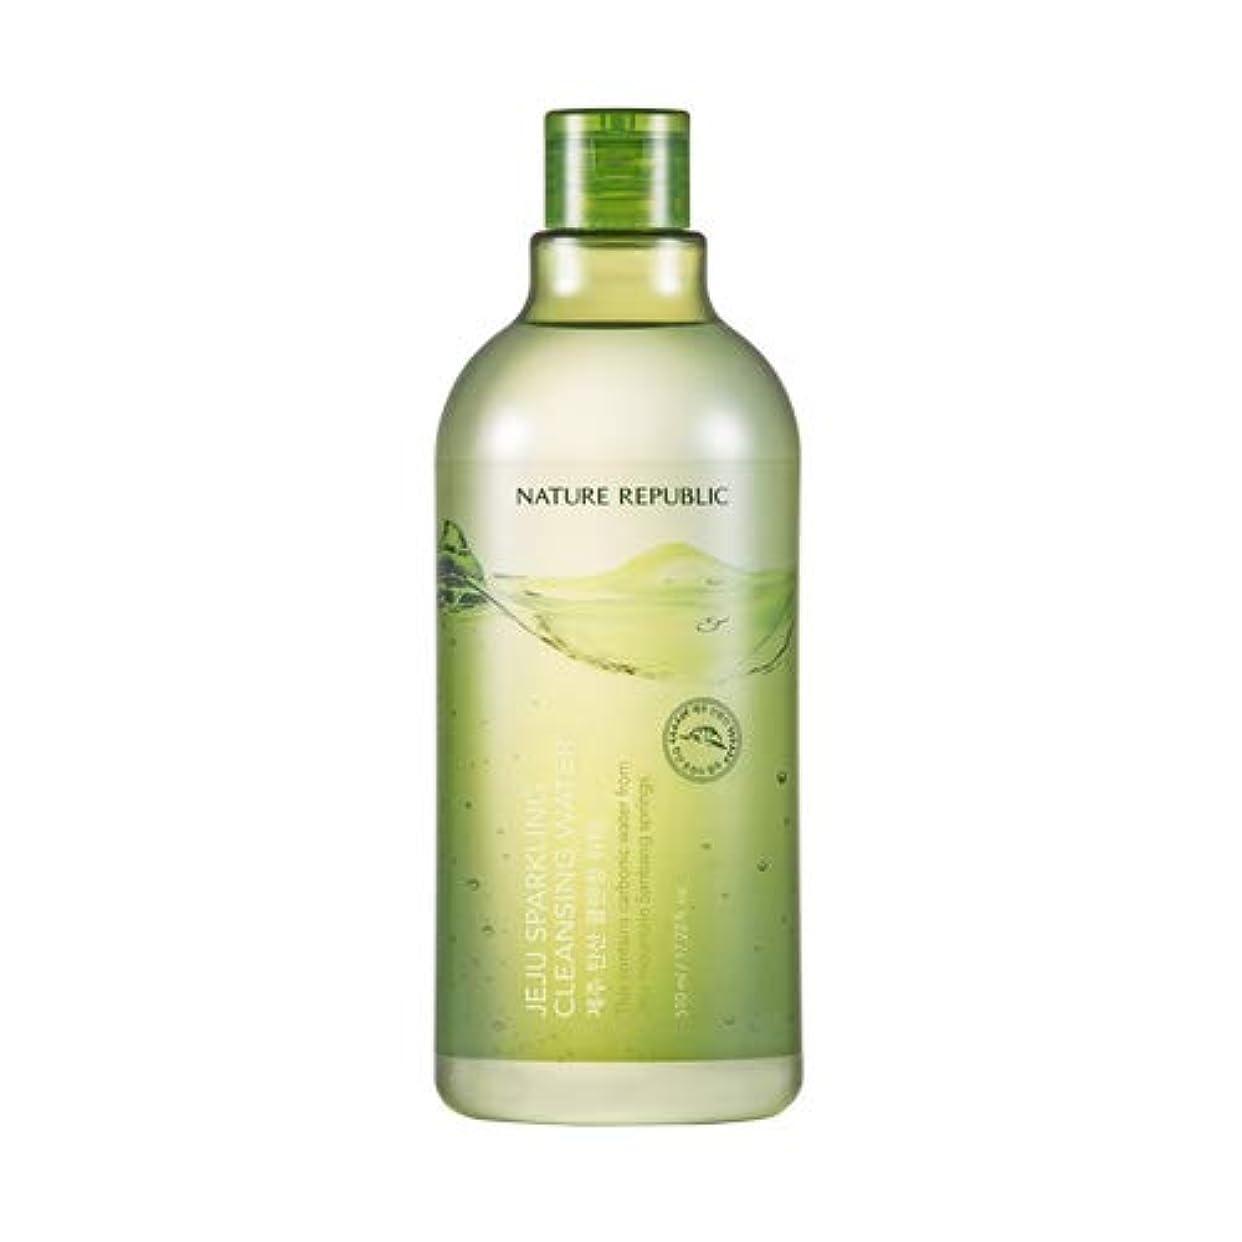 布相反するしかしながらNature republic Jeju Sparkling(Carbonic) Cleansing Water ネイチャーリパブリック済州炭酸クレンジングウォーター 510ml [並行輸入品]